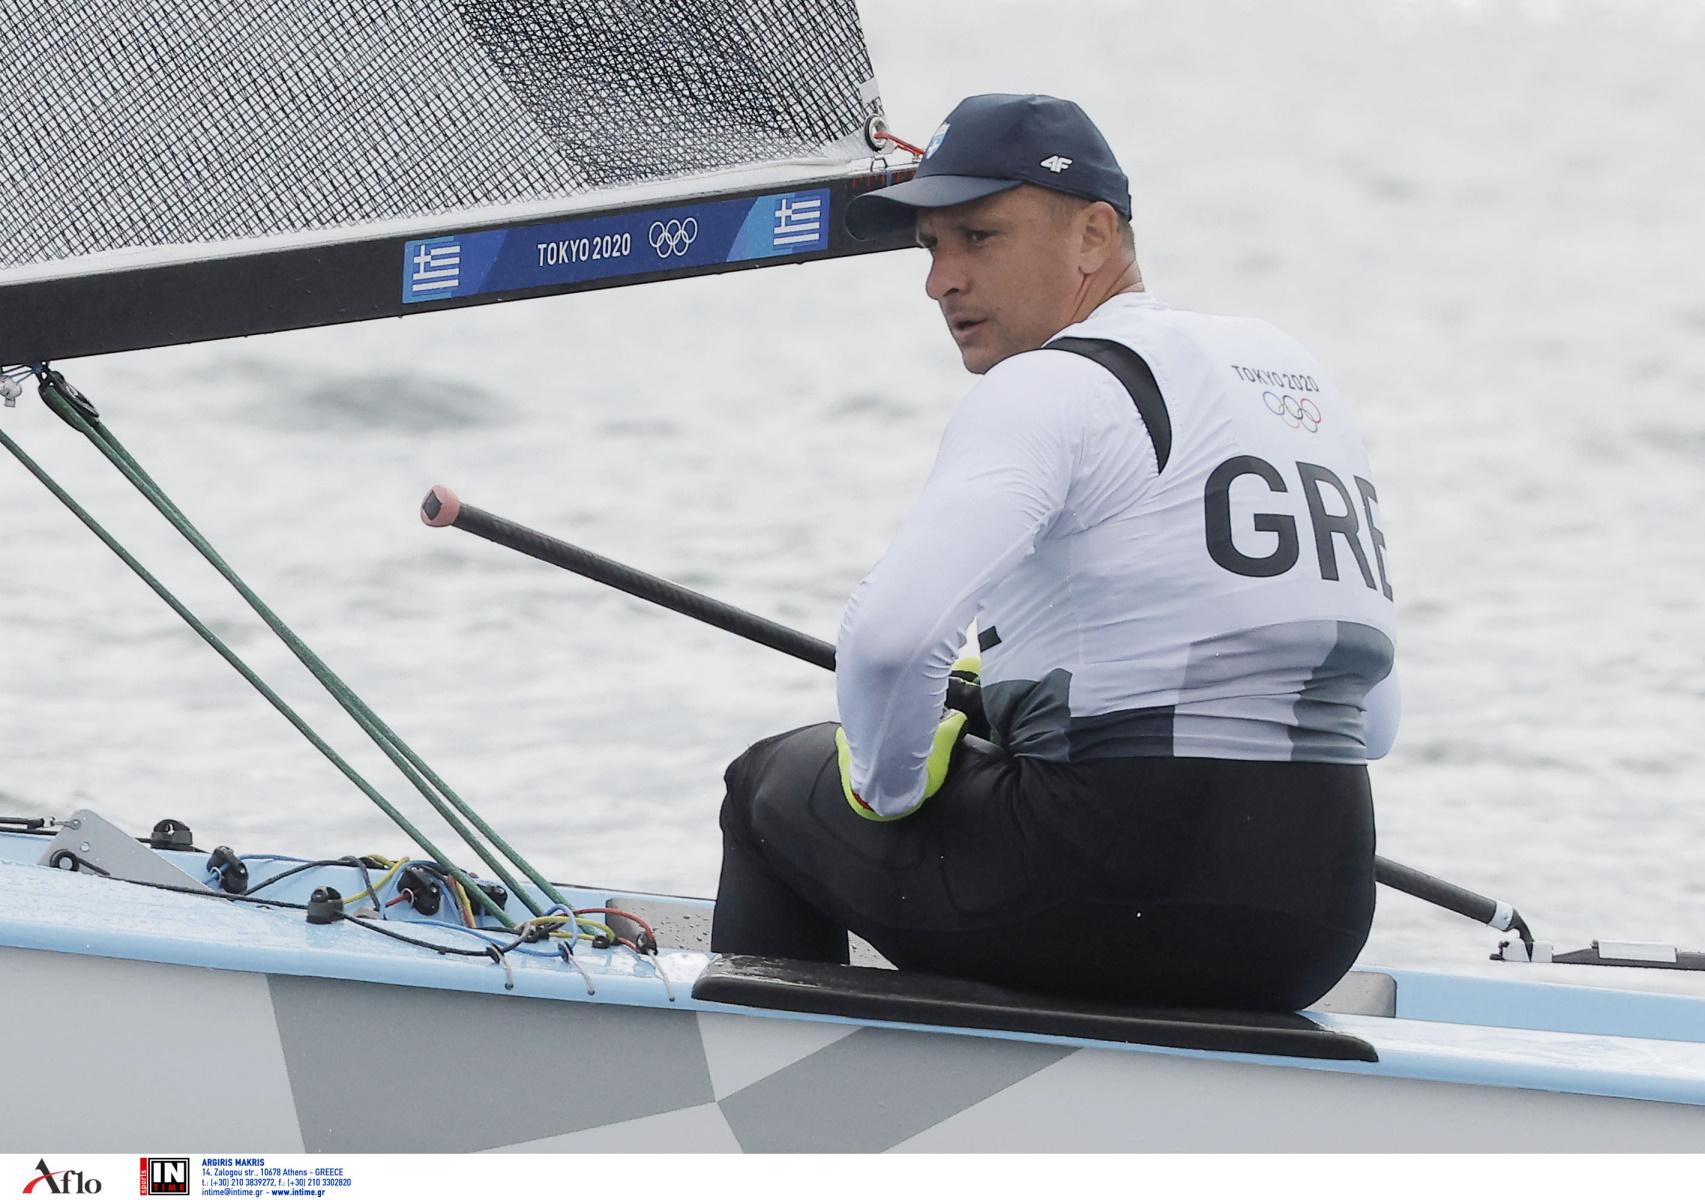 Ολυμπιακοί Αγώνες: Εκτός κούρσας μεταλλίων ο Γιάννης Μιτάκης